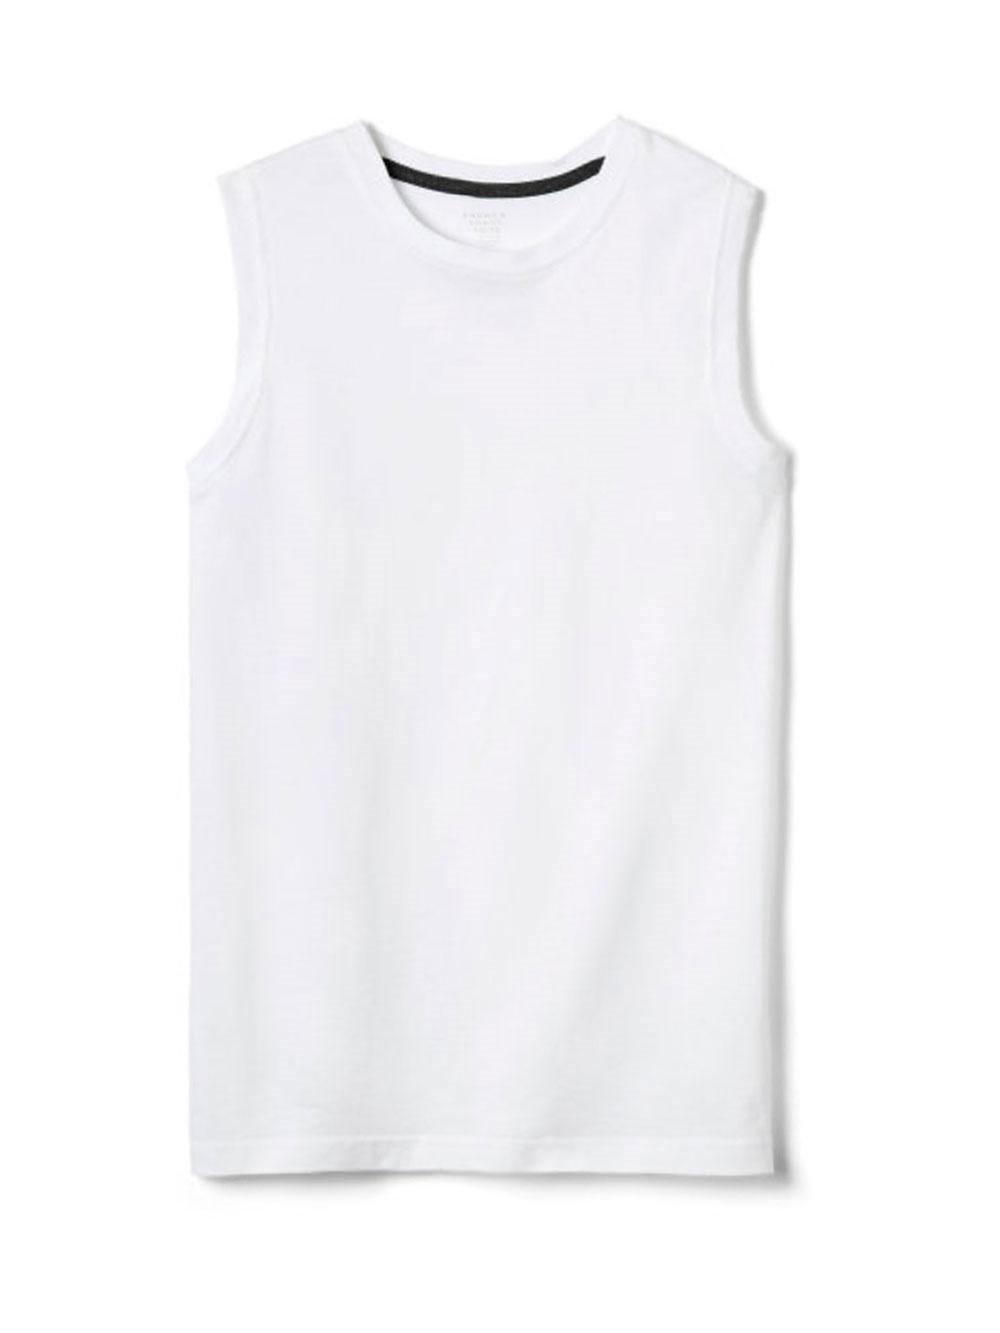 Image of French Toast Big Boys Sleeveless TShirt Sizes 8  20  white 1012